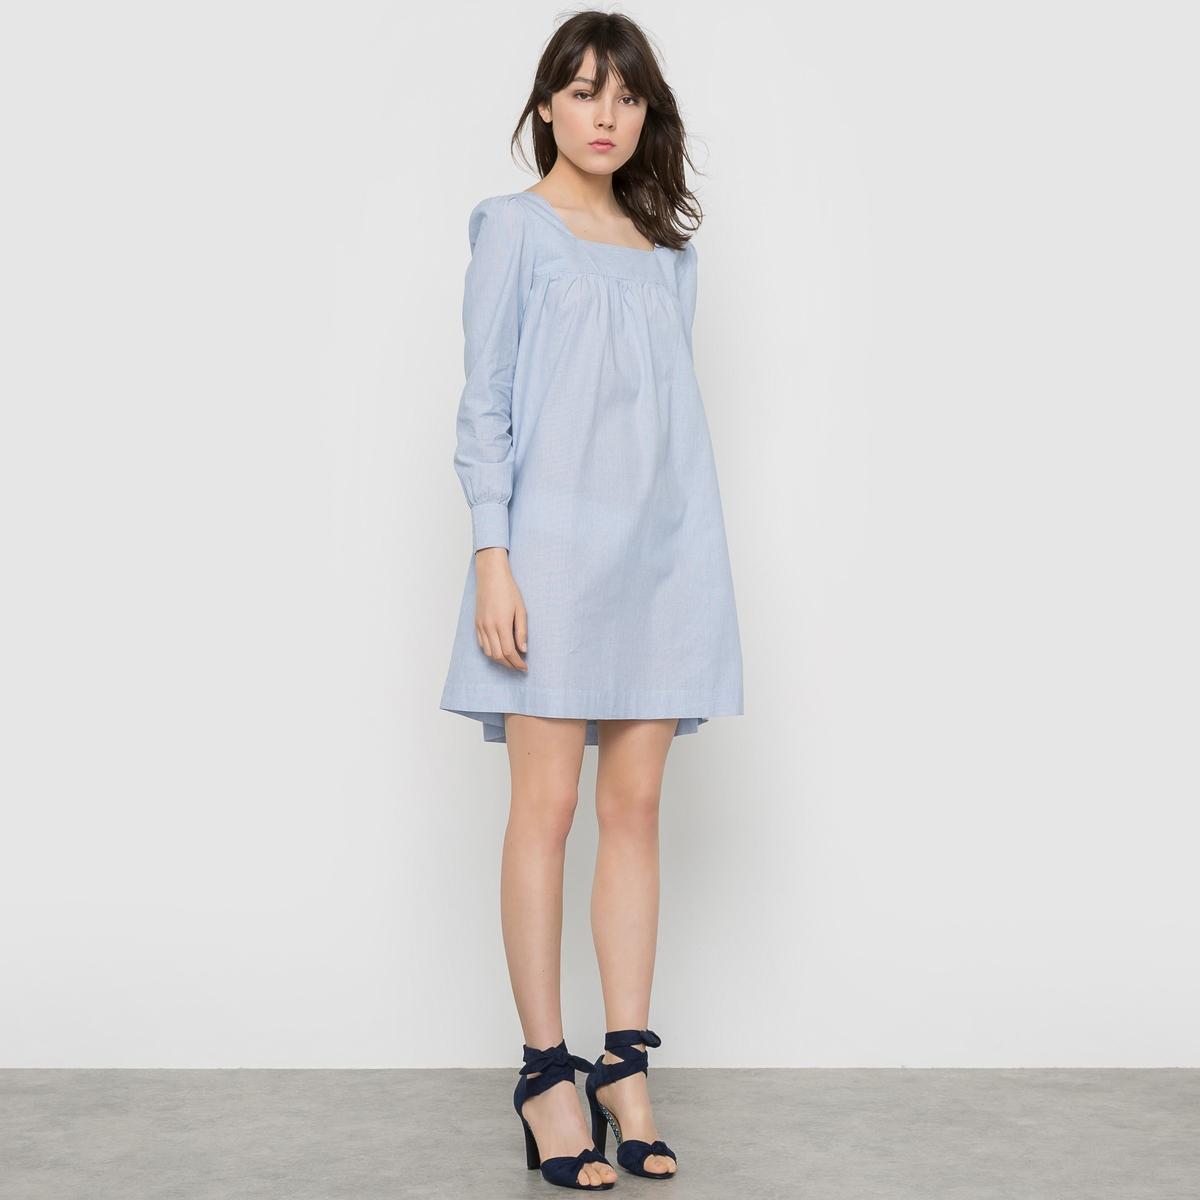 Платье в полоскуСостав и описаниеМарка : Mademoiselle R.Материал: 100% хлопка. УходМашинная стирка при 30°.Сушка в машине при умеренной температуре.Гладить на средней температуре.<br><br>Цвет: в полоску белый/синий<br>Размер: 38 (FR) - 44 (RUS)